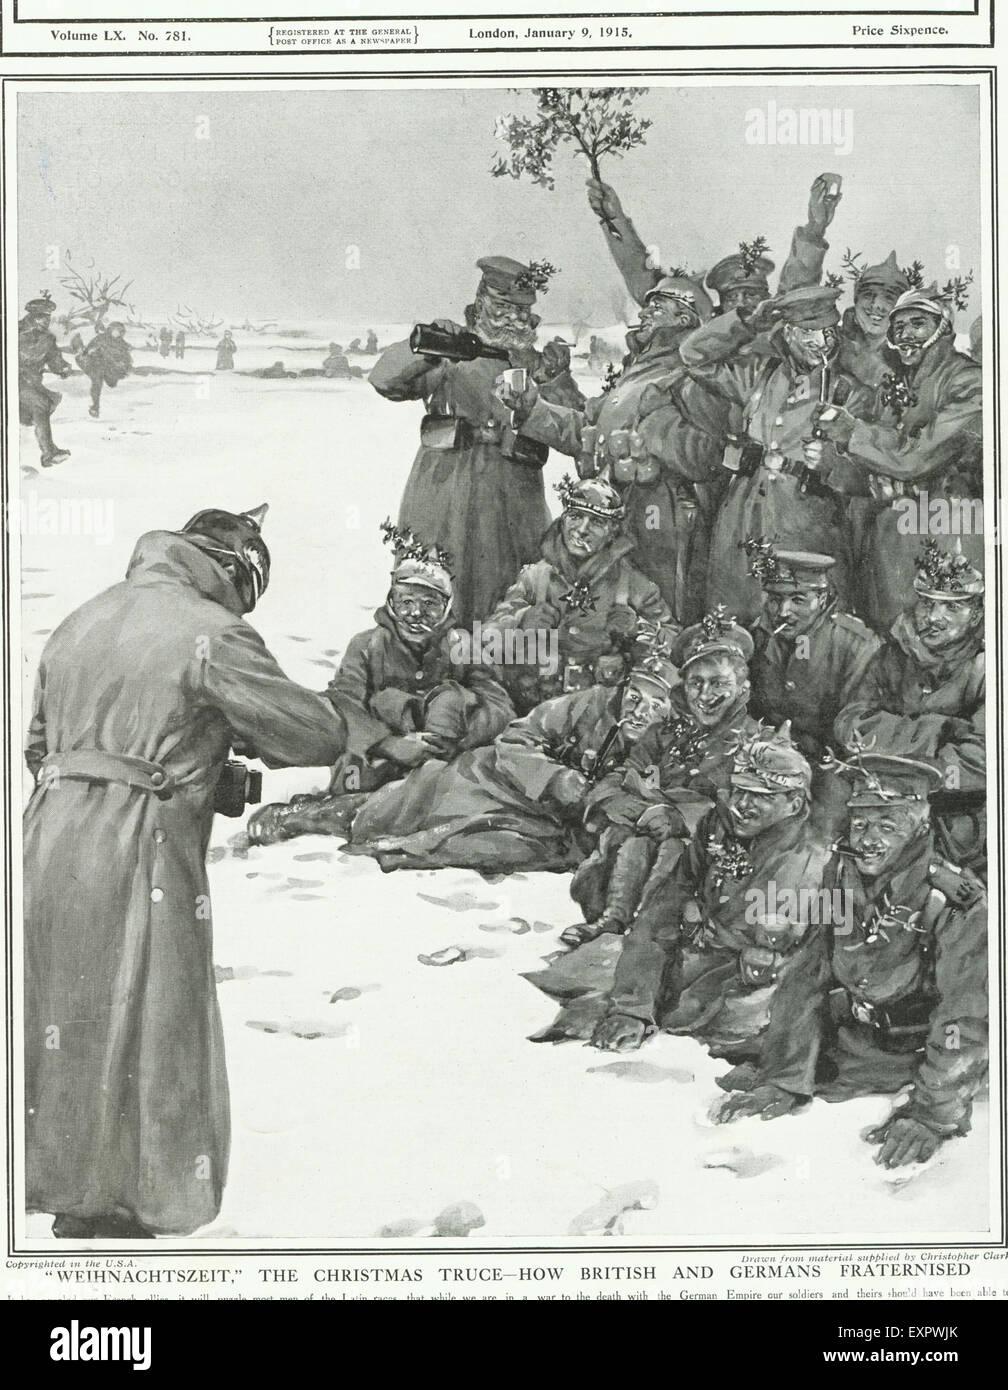 Deutsche Soldaten Zu Weihnachten Stockfotos & Deutsche Soldaten Zu ...